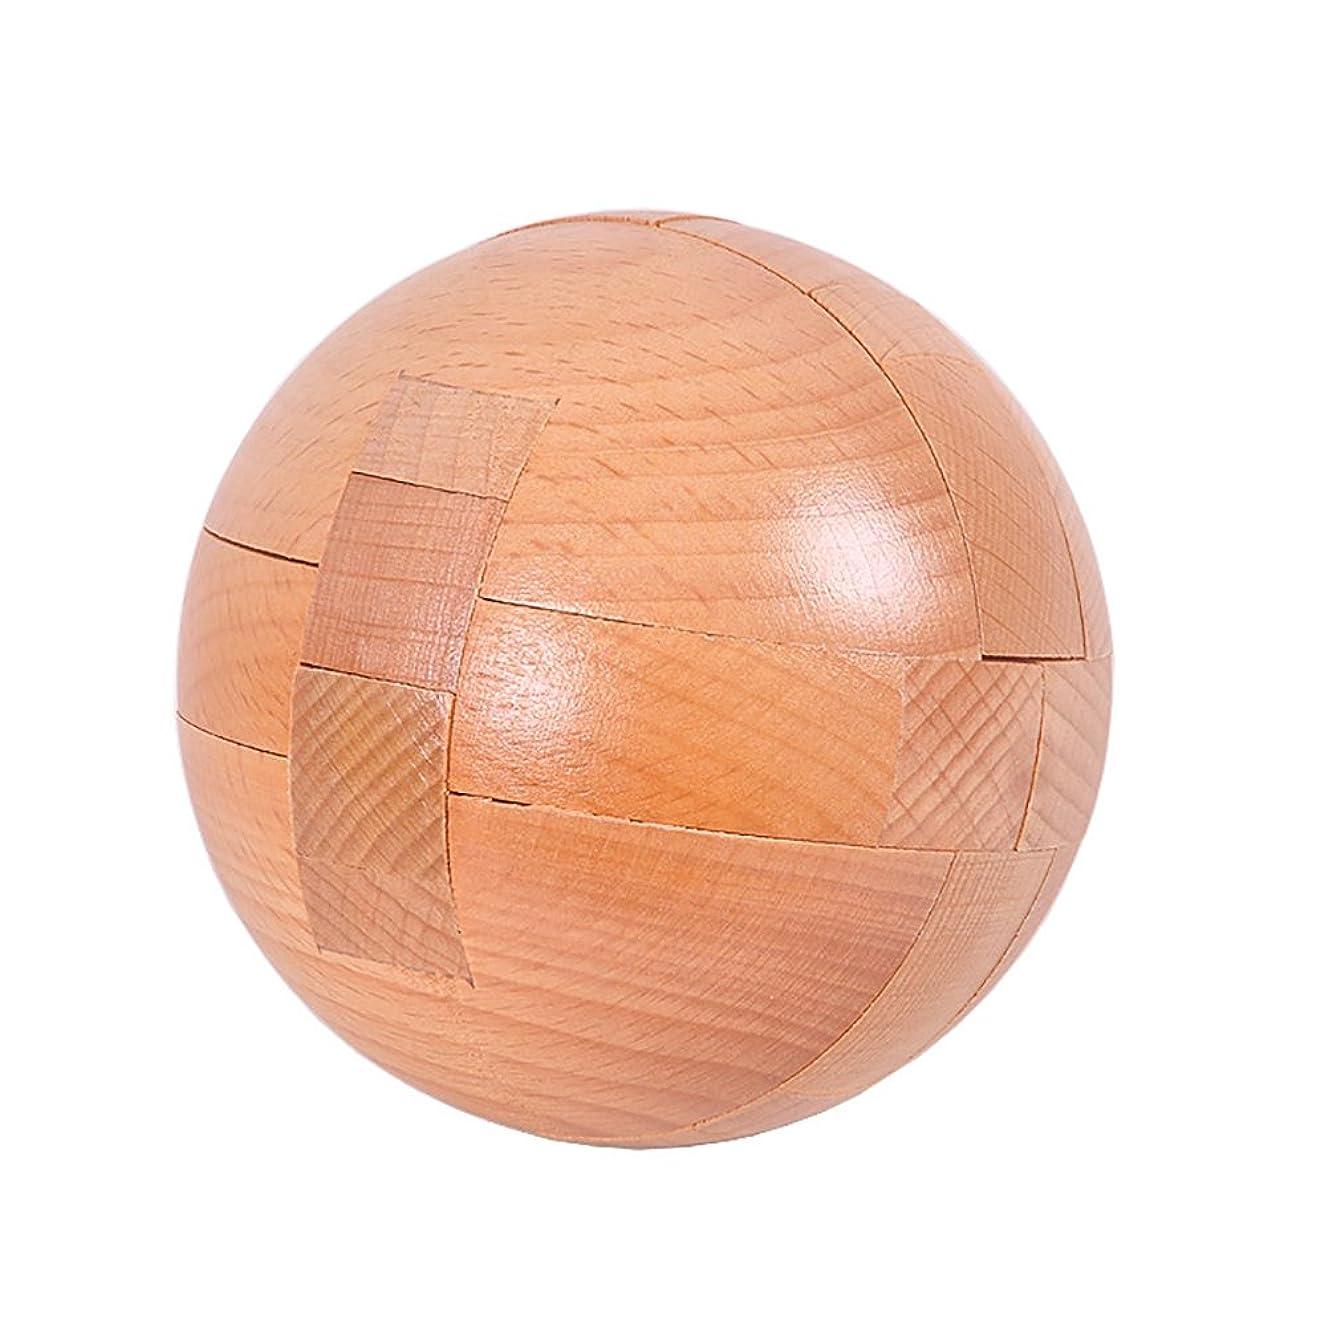 暴露するどんなときも事件、出来事Gigamic (ギガミック) カタミノ KATAMINO (カタミノ) 木製ボードゲーム パズルゲーム 並行輸入品